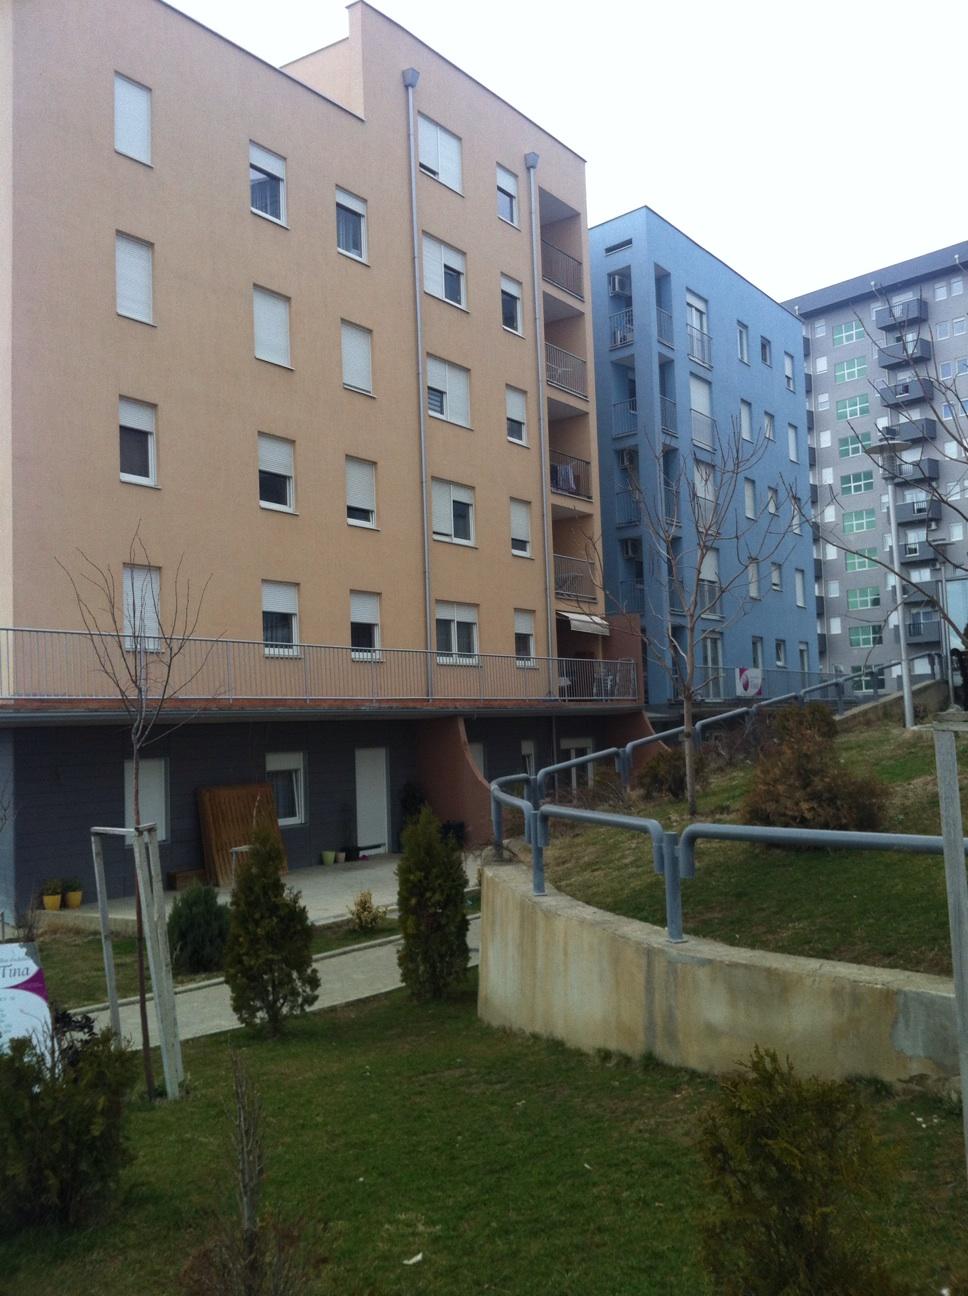 Shitet lokali afarist në lagjen Mati 1, (te standardi) me sipërfaqe 30m2, kati përdhesë.